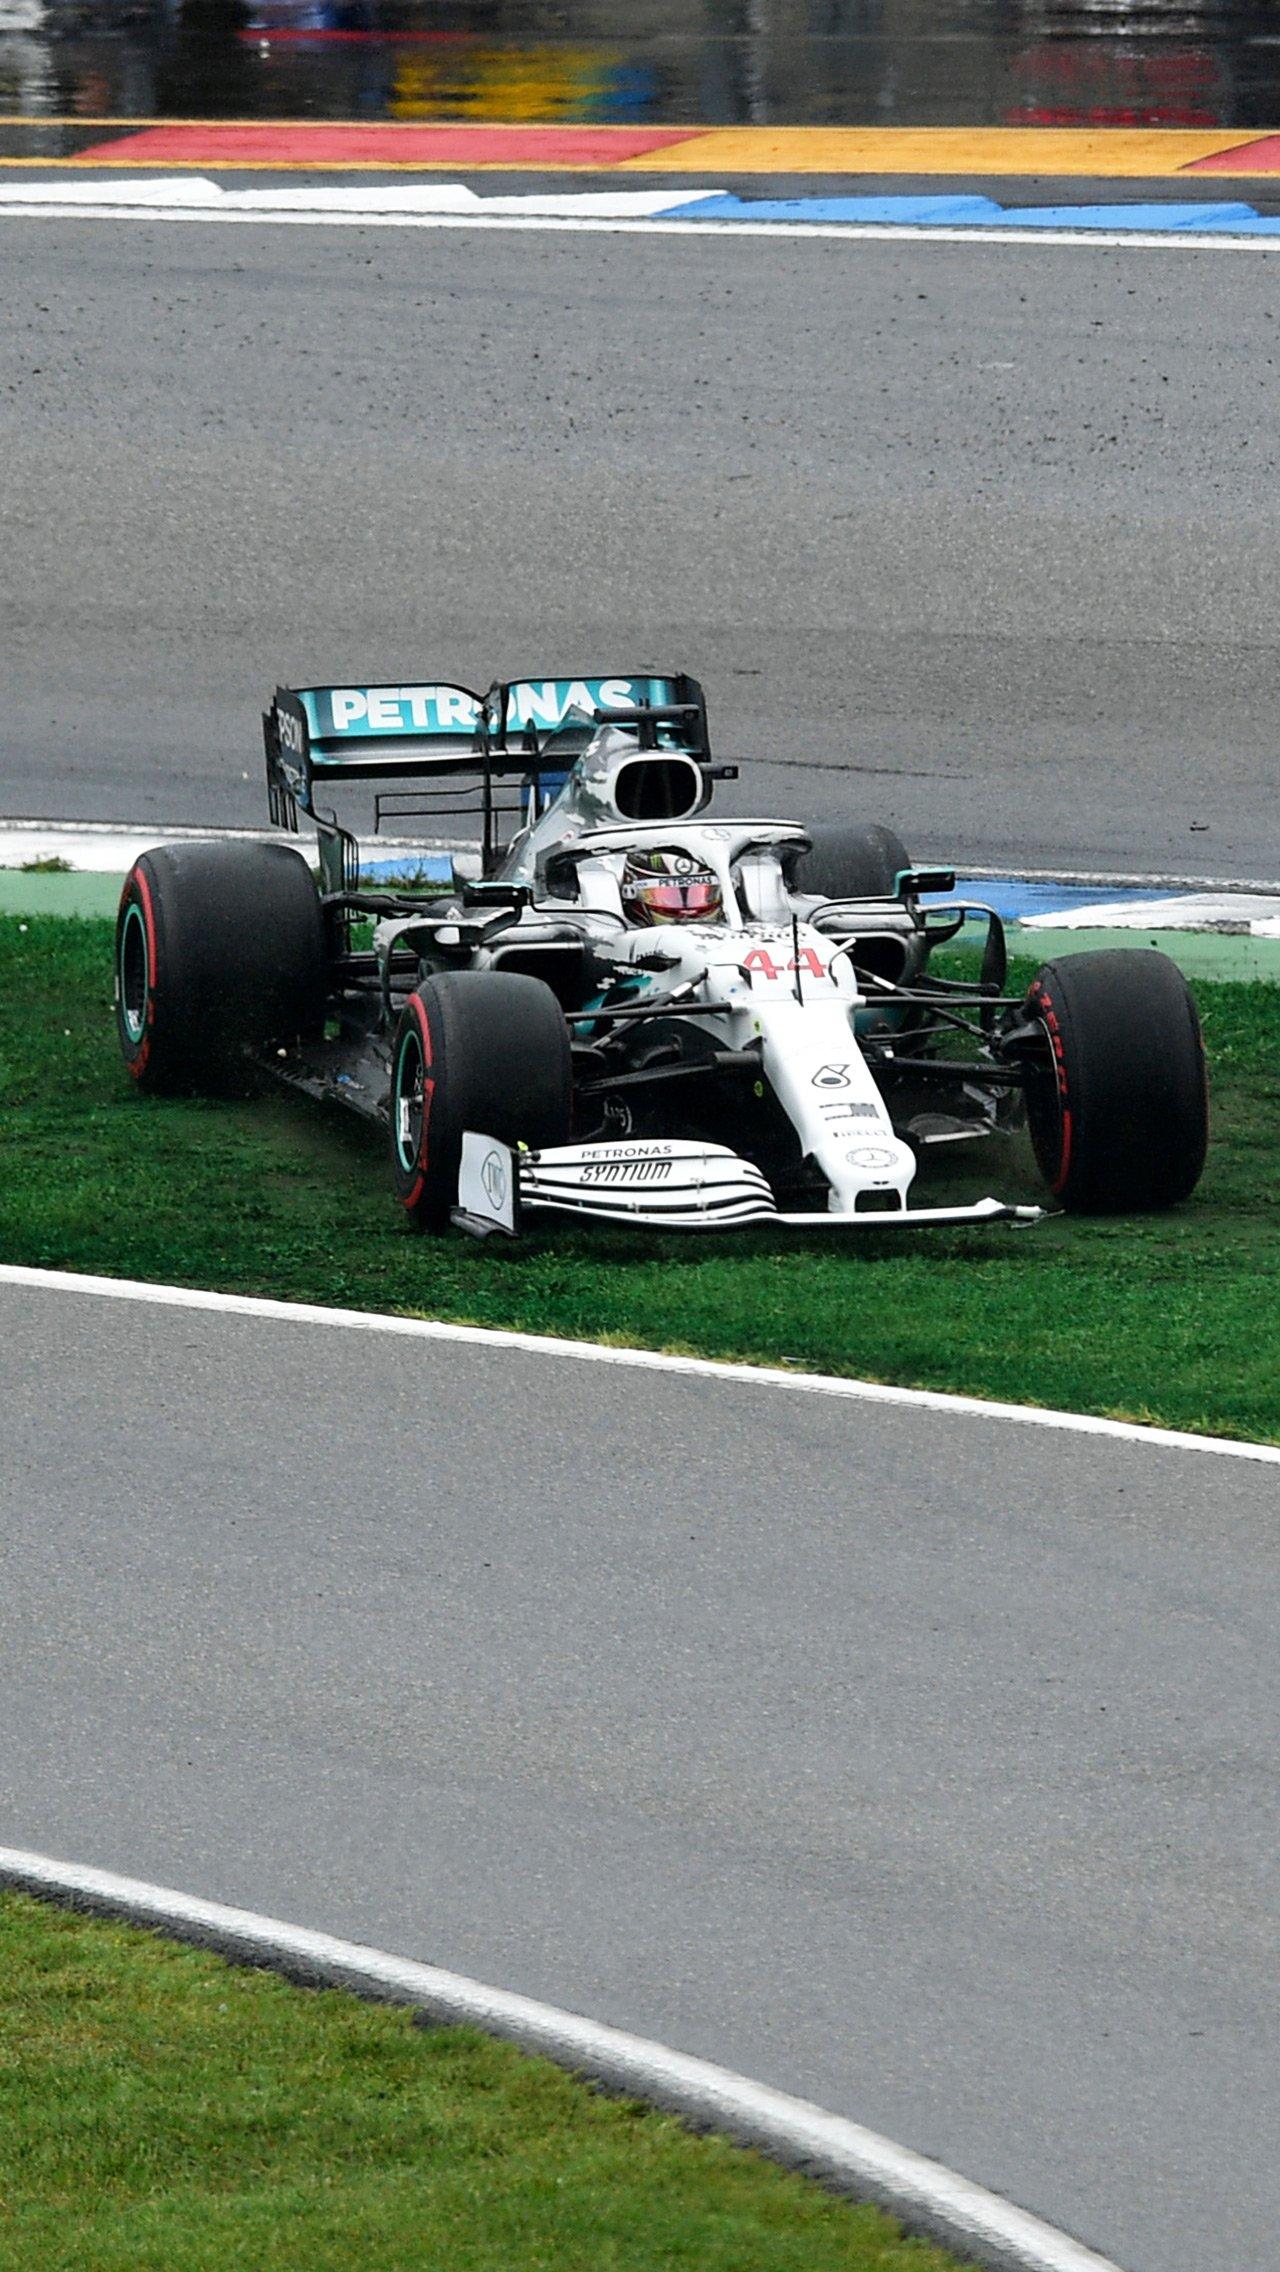 В честь 200-го этапа в Ф-1 «Мерседес» облачился в белую ливрею. Гран-при Германии — 2019 кончился провалом: Боттас разбил машину, Хэмилтон еле-еле стал девятым.